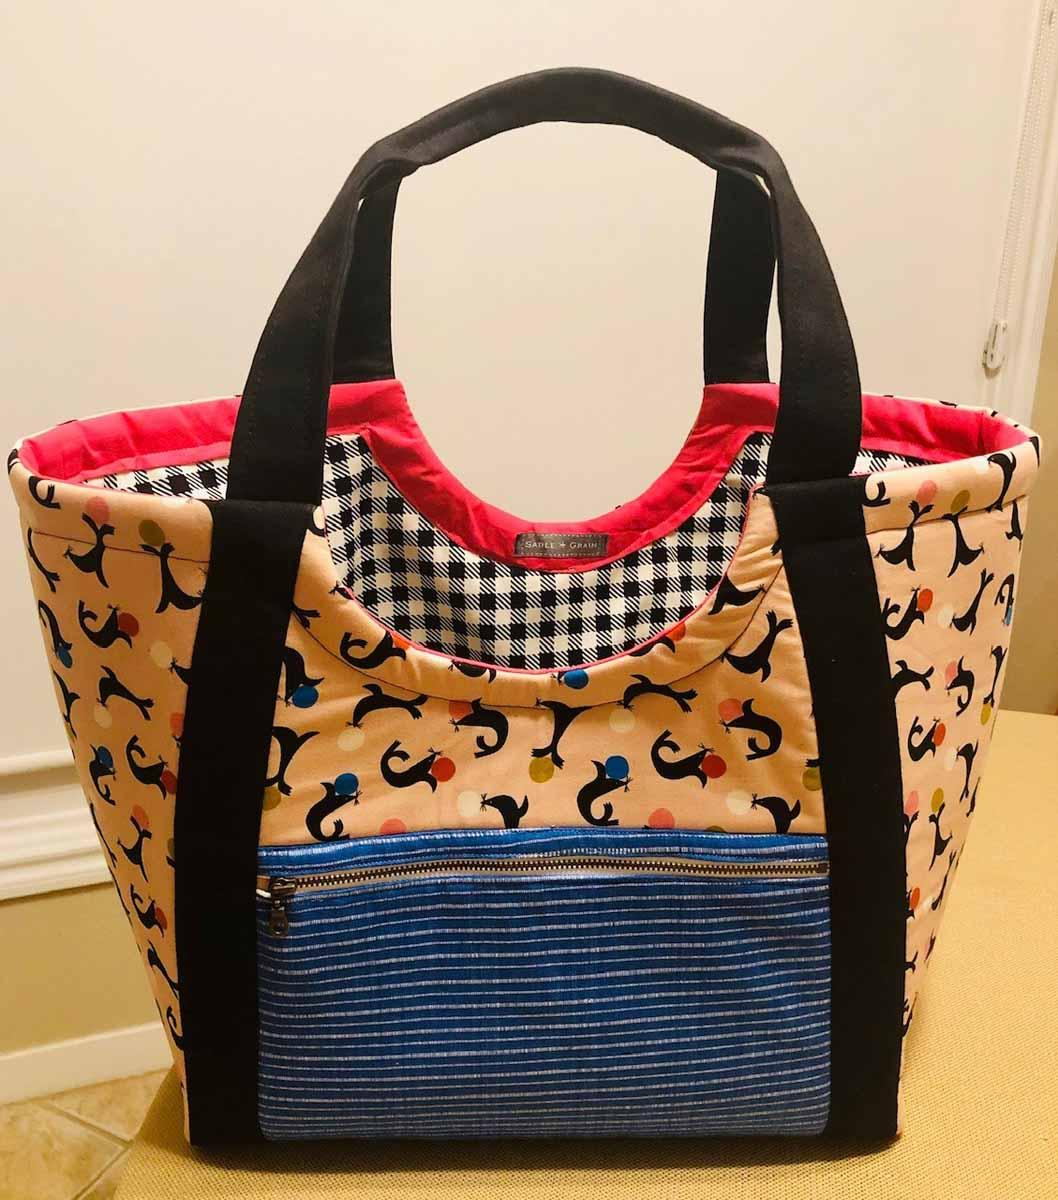 Sommer Louie - Beach bag